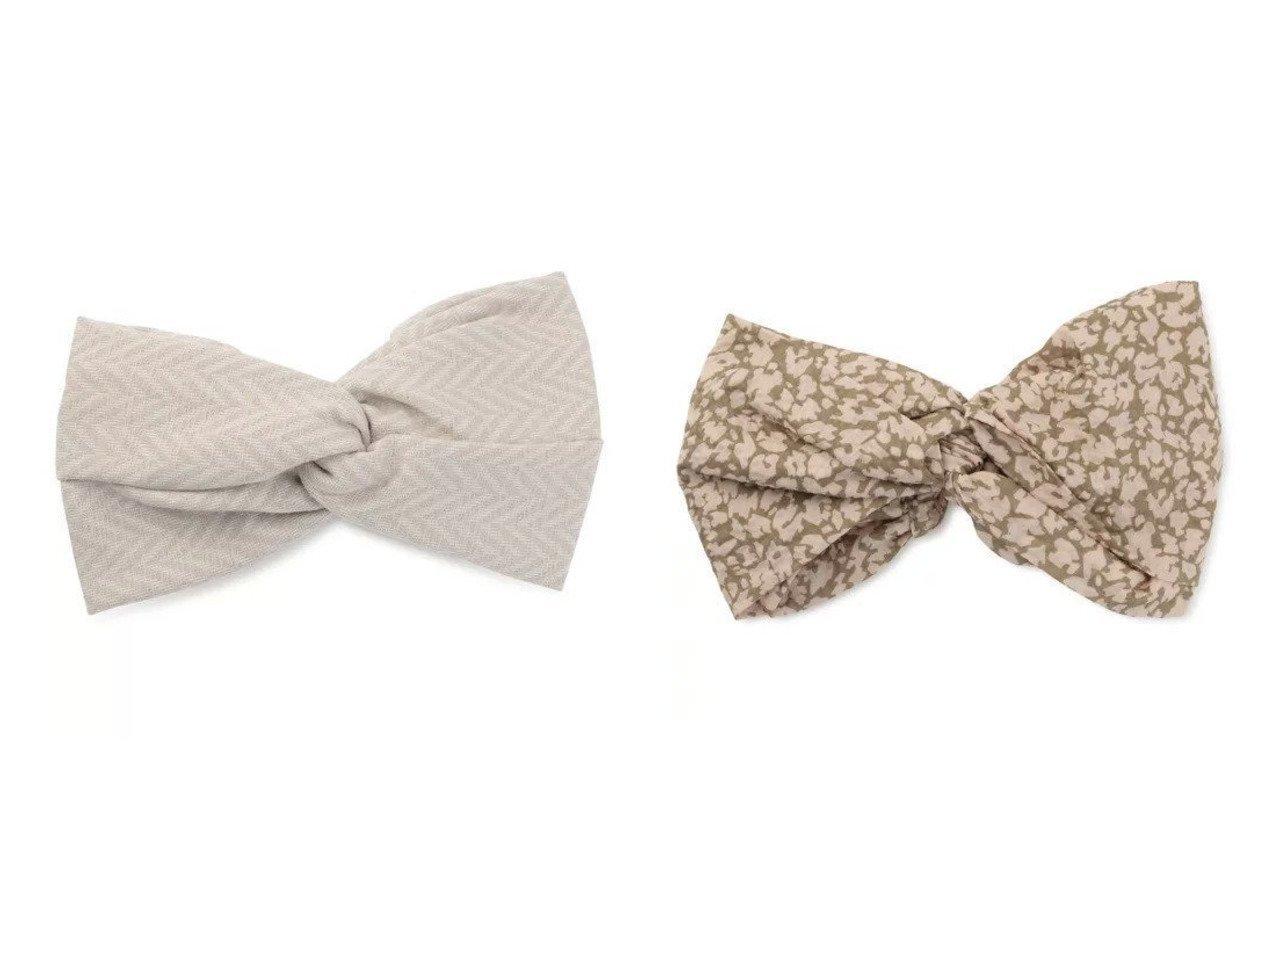 【La Maison de Lyllis/ラ メゾン ド リリス】のHACHIMAKI&MUSUBI おすすめ!人気、トレンド・レディースファッションの通販 おすすめで人気の流行・トレンド、ファッションの通販商品 メンズファッション・キッズファッション・インテリア・家具・レディースファッション・服の通販 founy(ファニー) https://founy.com/ ファッション Fashion レディースファッション WOMEN シュシュ / ヘアアクセ Hair Accessories 2021年 2021 2021春夏・S/S SS/Spring/Summer/2021 S/S・春夏 SS・Spring/Summer アクセサリー シンプル ストール ターバン フォルム フィット フェイス ヘリンボーン リボン |ID:crp329100000029518